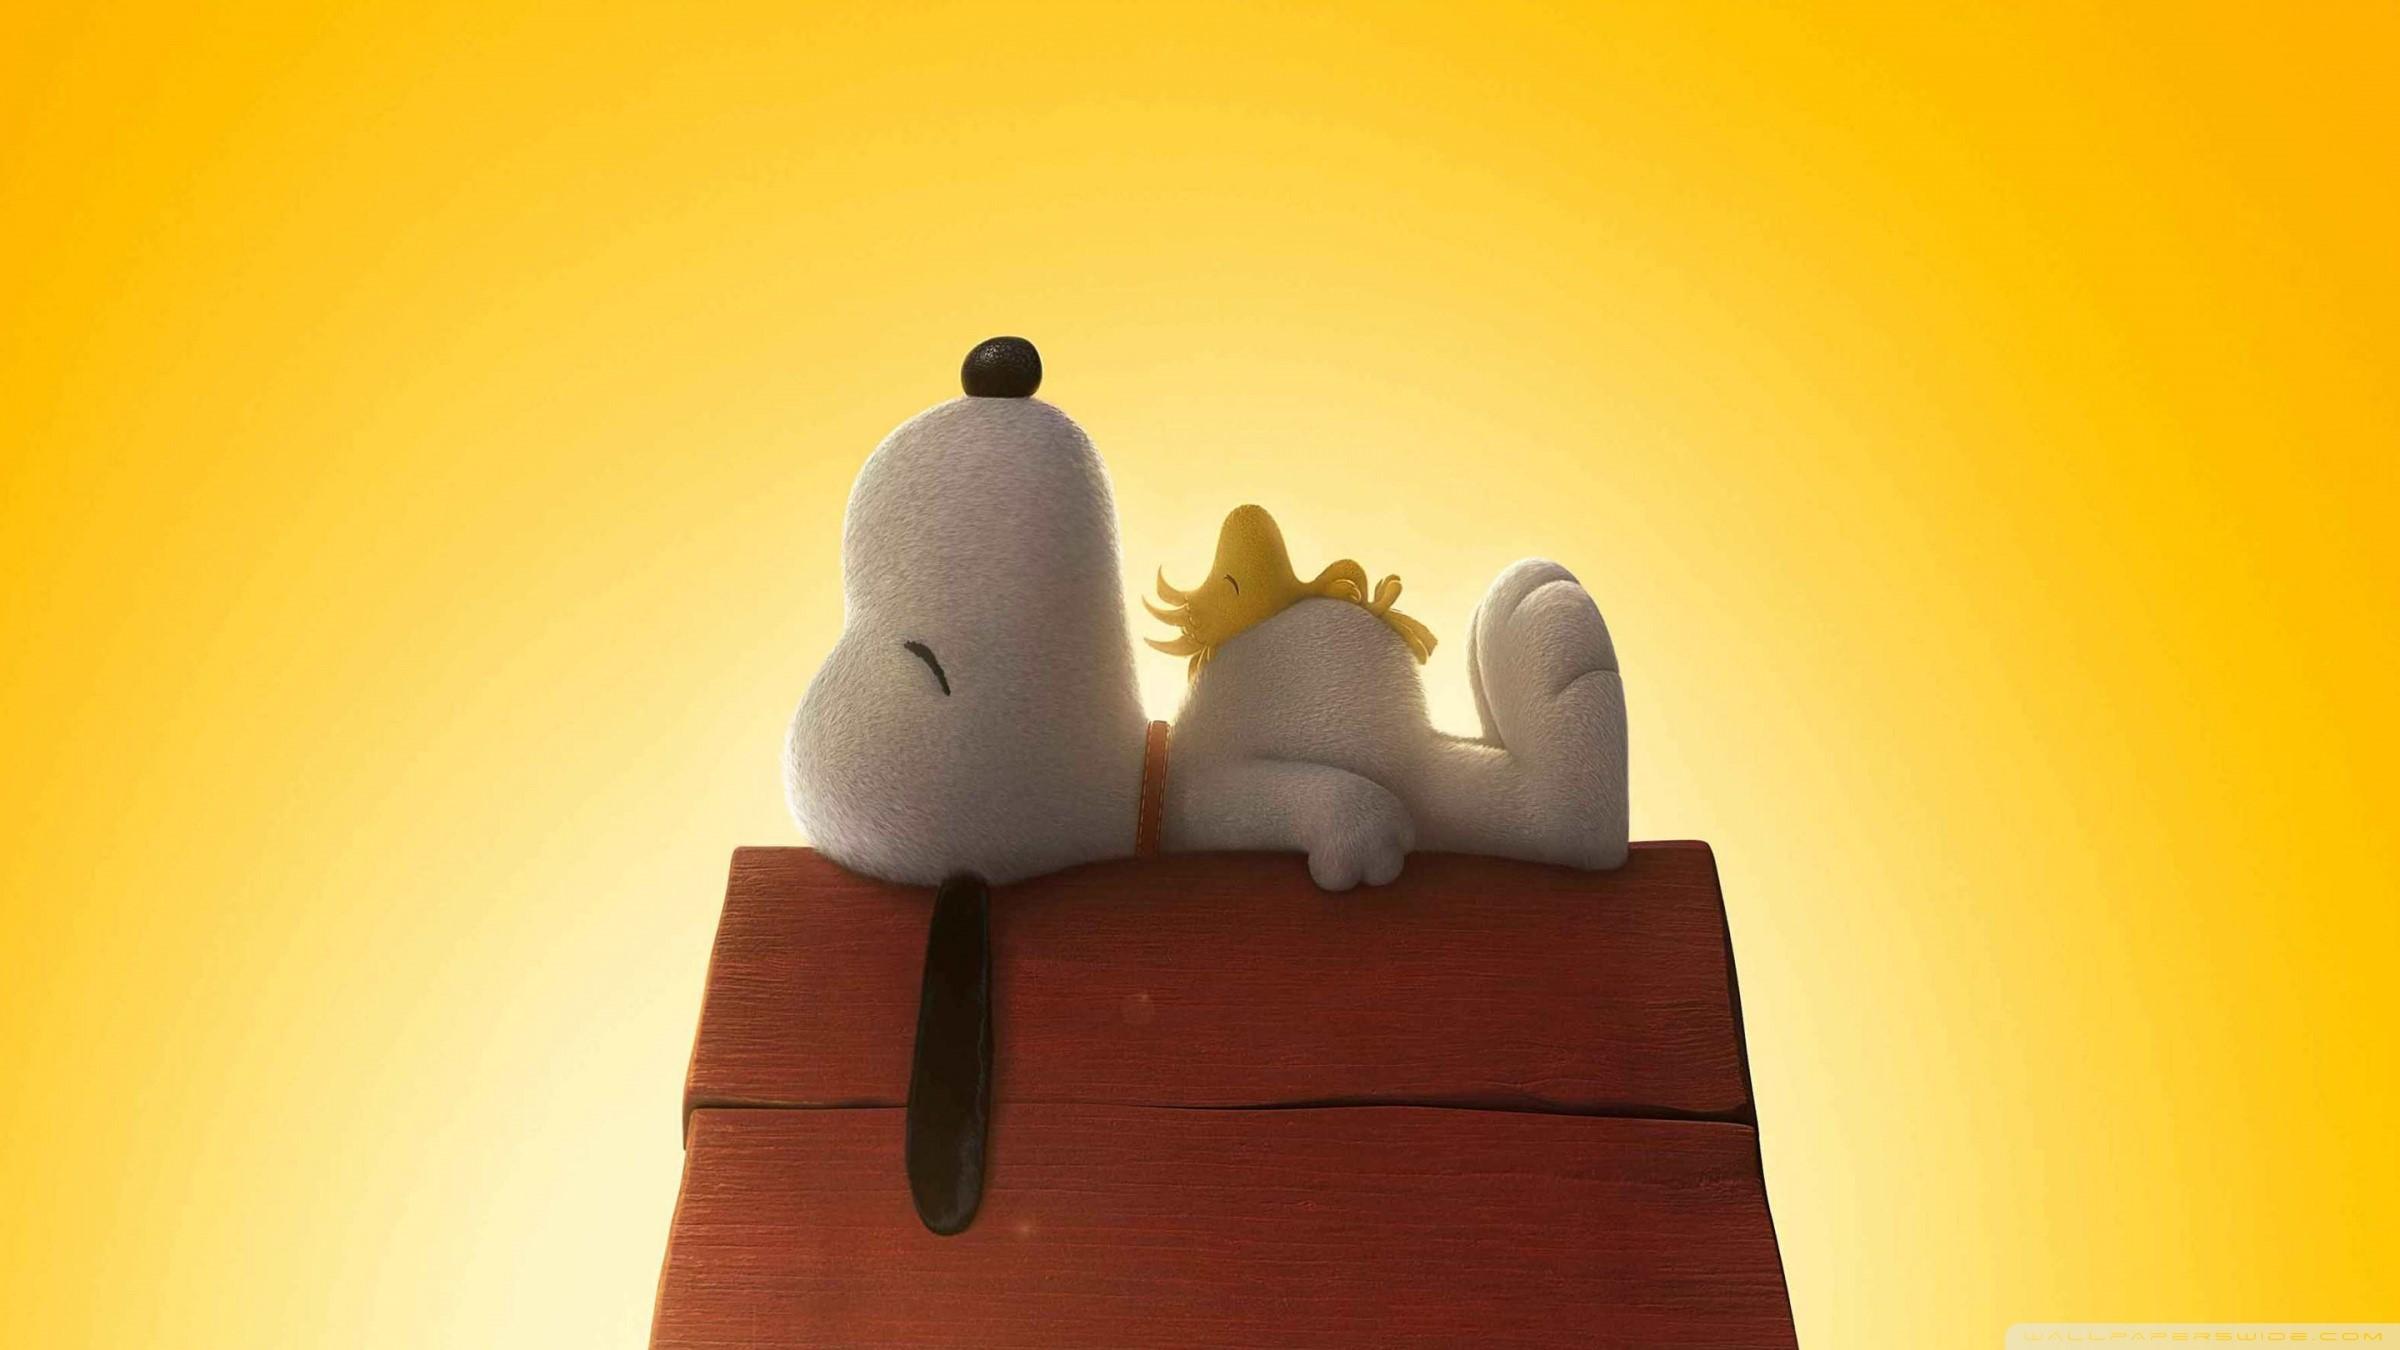 Wallpaper Snoopy Y Charlie Brown Peanuts Movie 338291